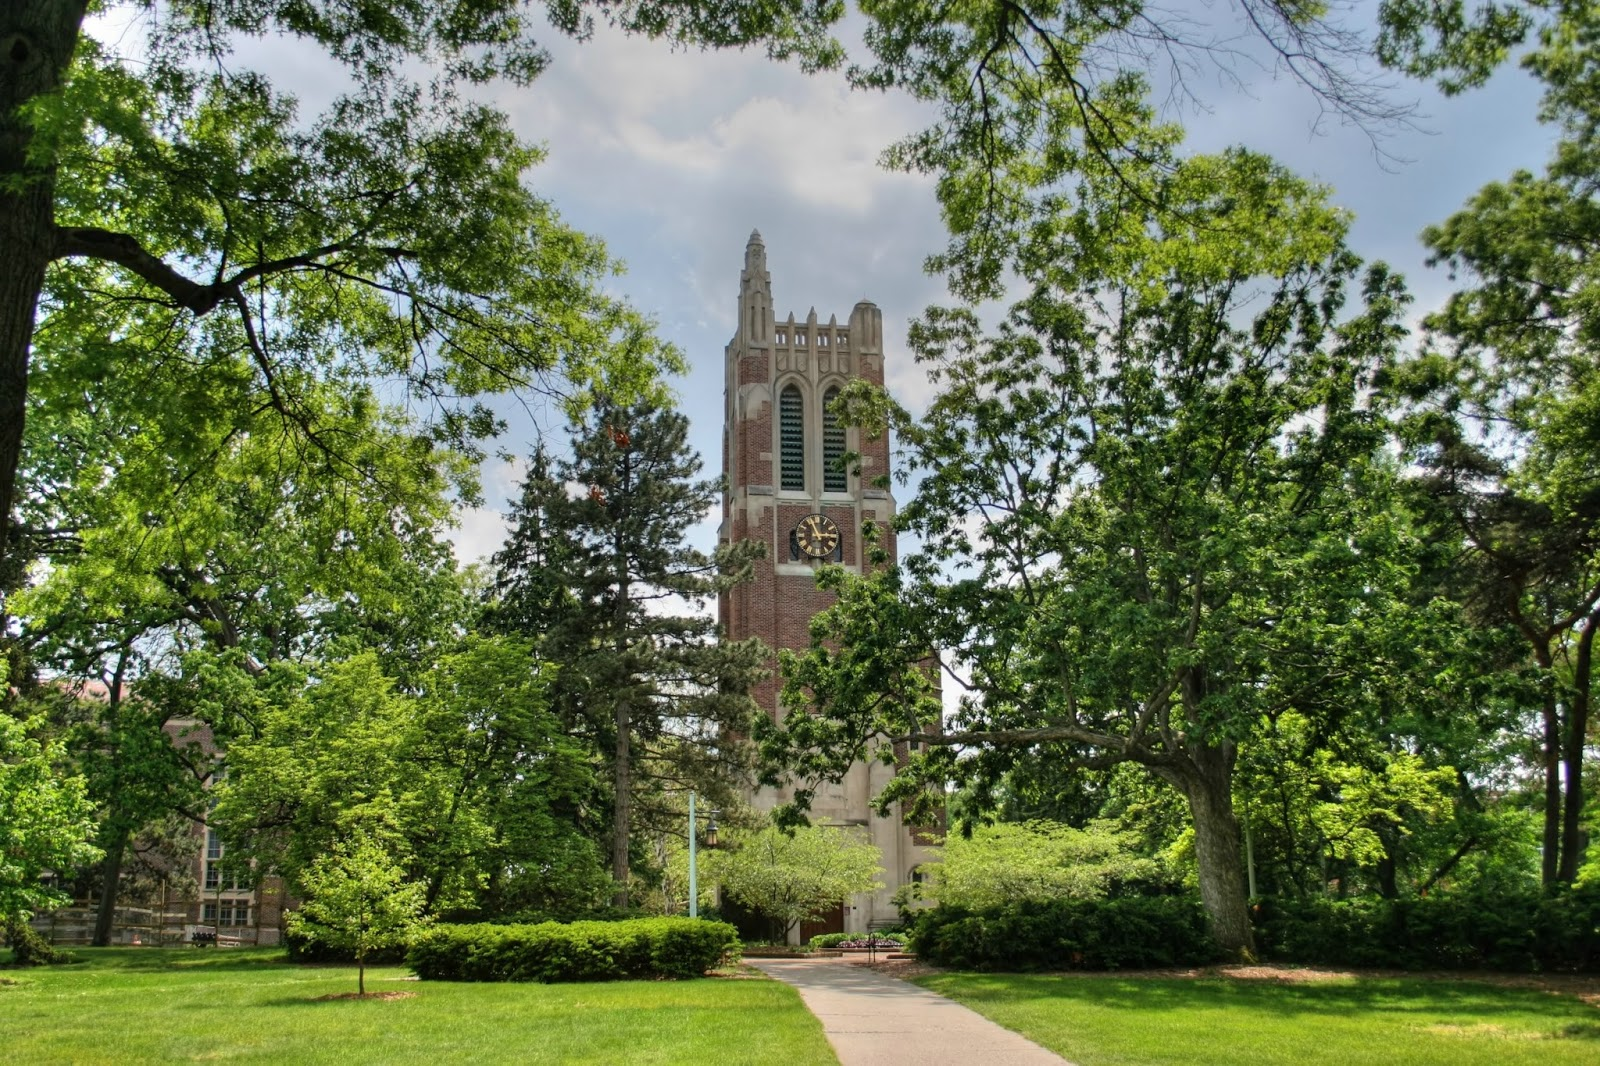 미시간 주립 대학교 (Michigan State University) 개요 및 입학, 학비 정보